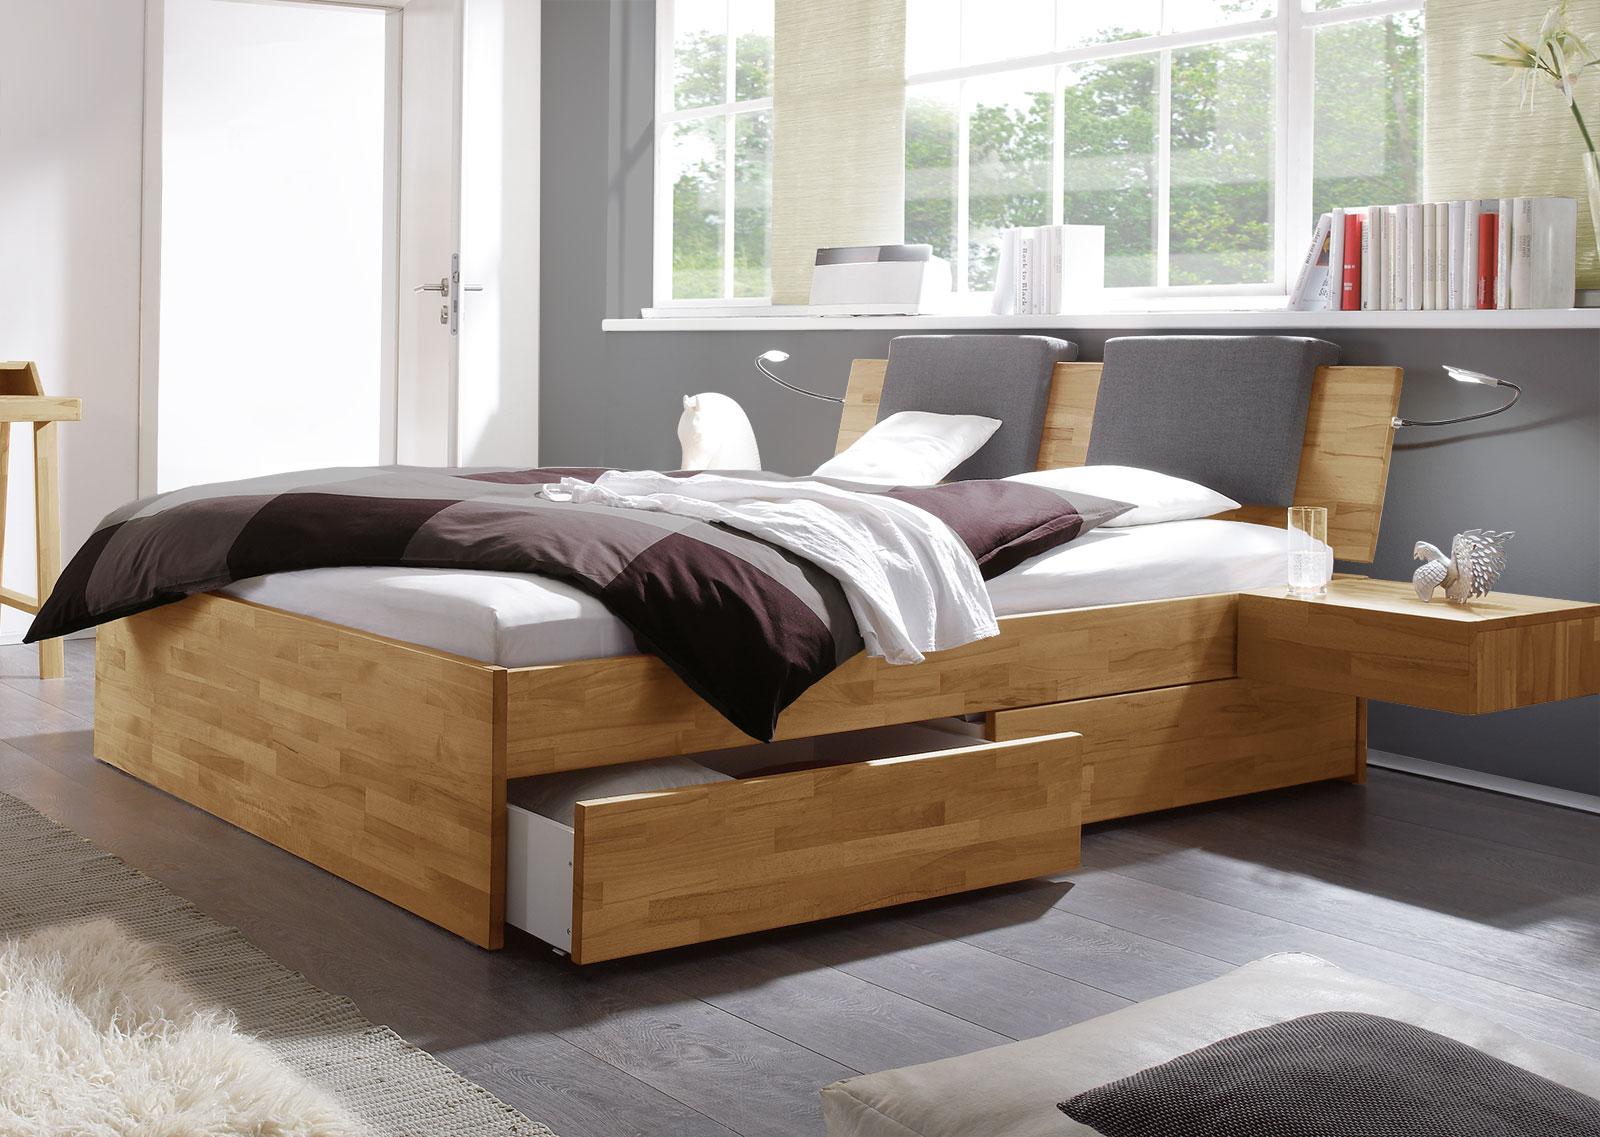 Bett Mit Schubkästen Für Zusätzlichen Stauraum